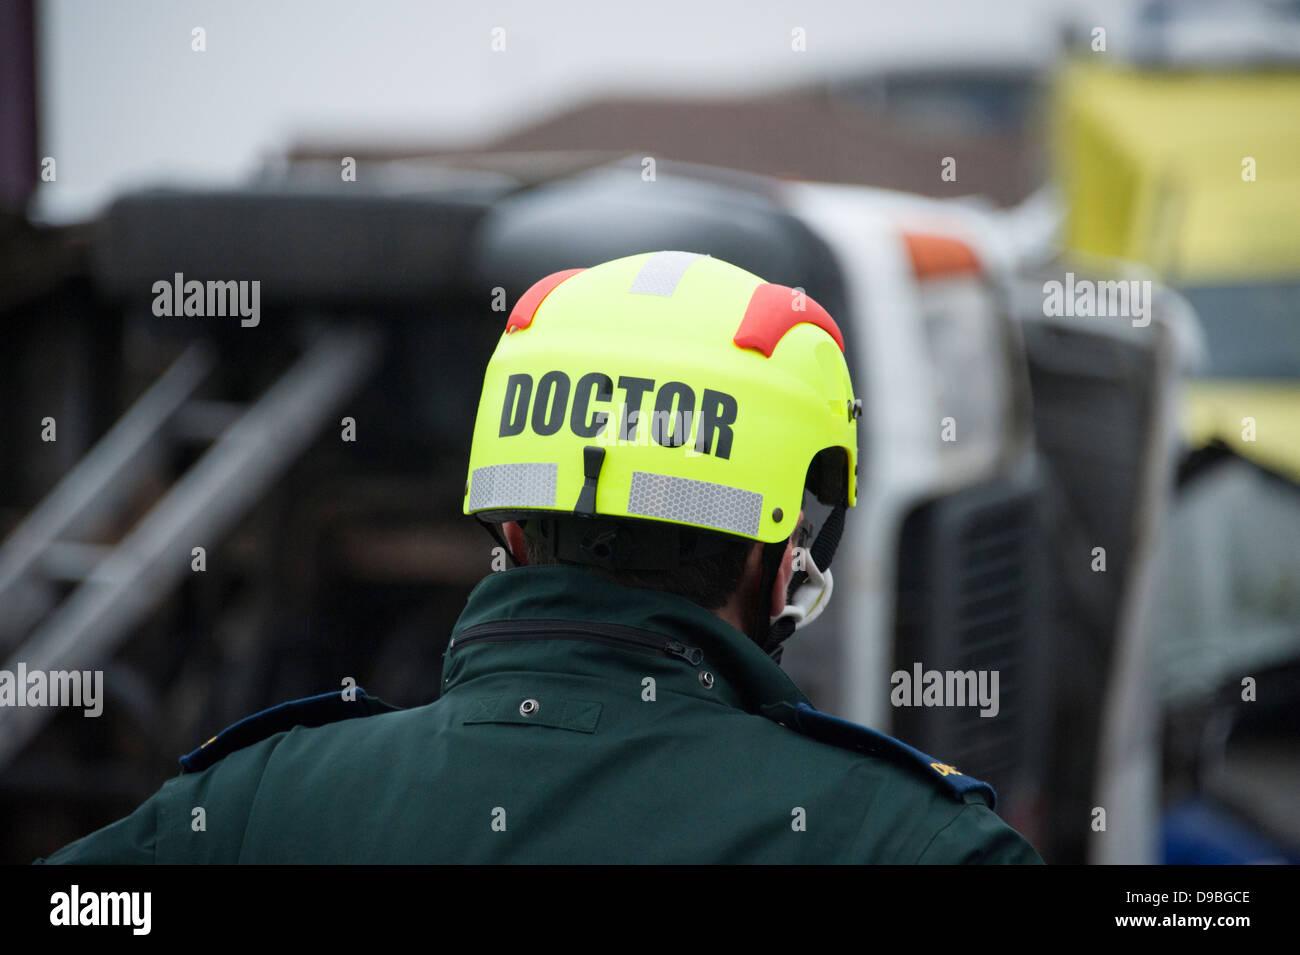 Doctor paramédico EPI SOMBRERO DURO CASCO Imagen De Stock